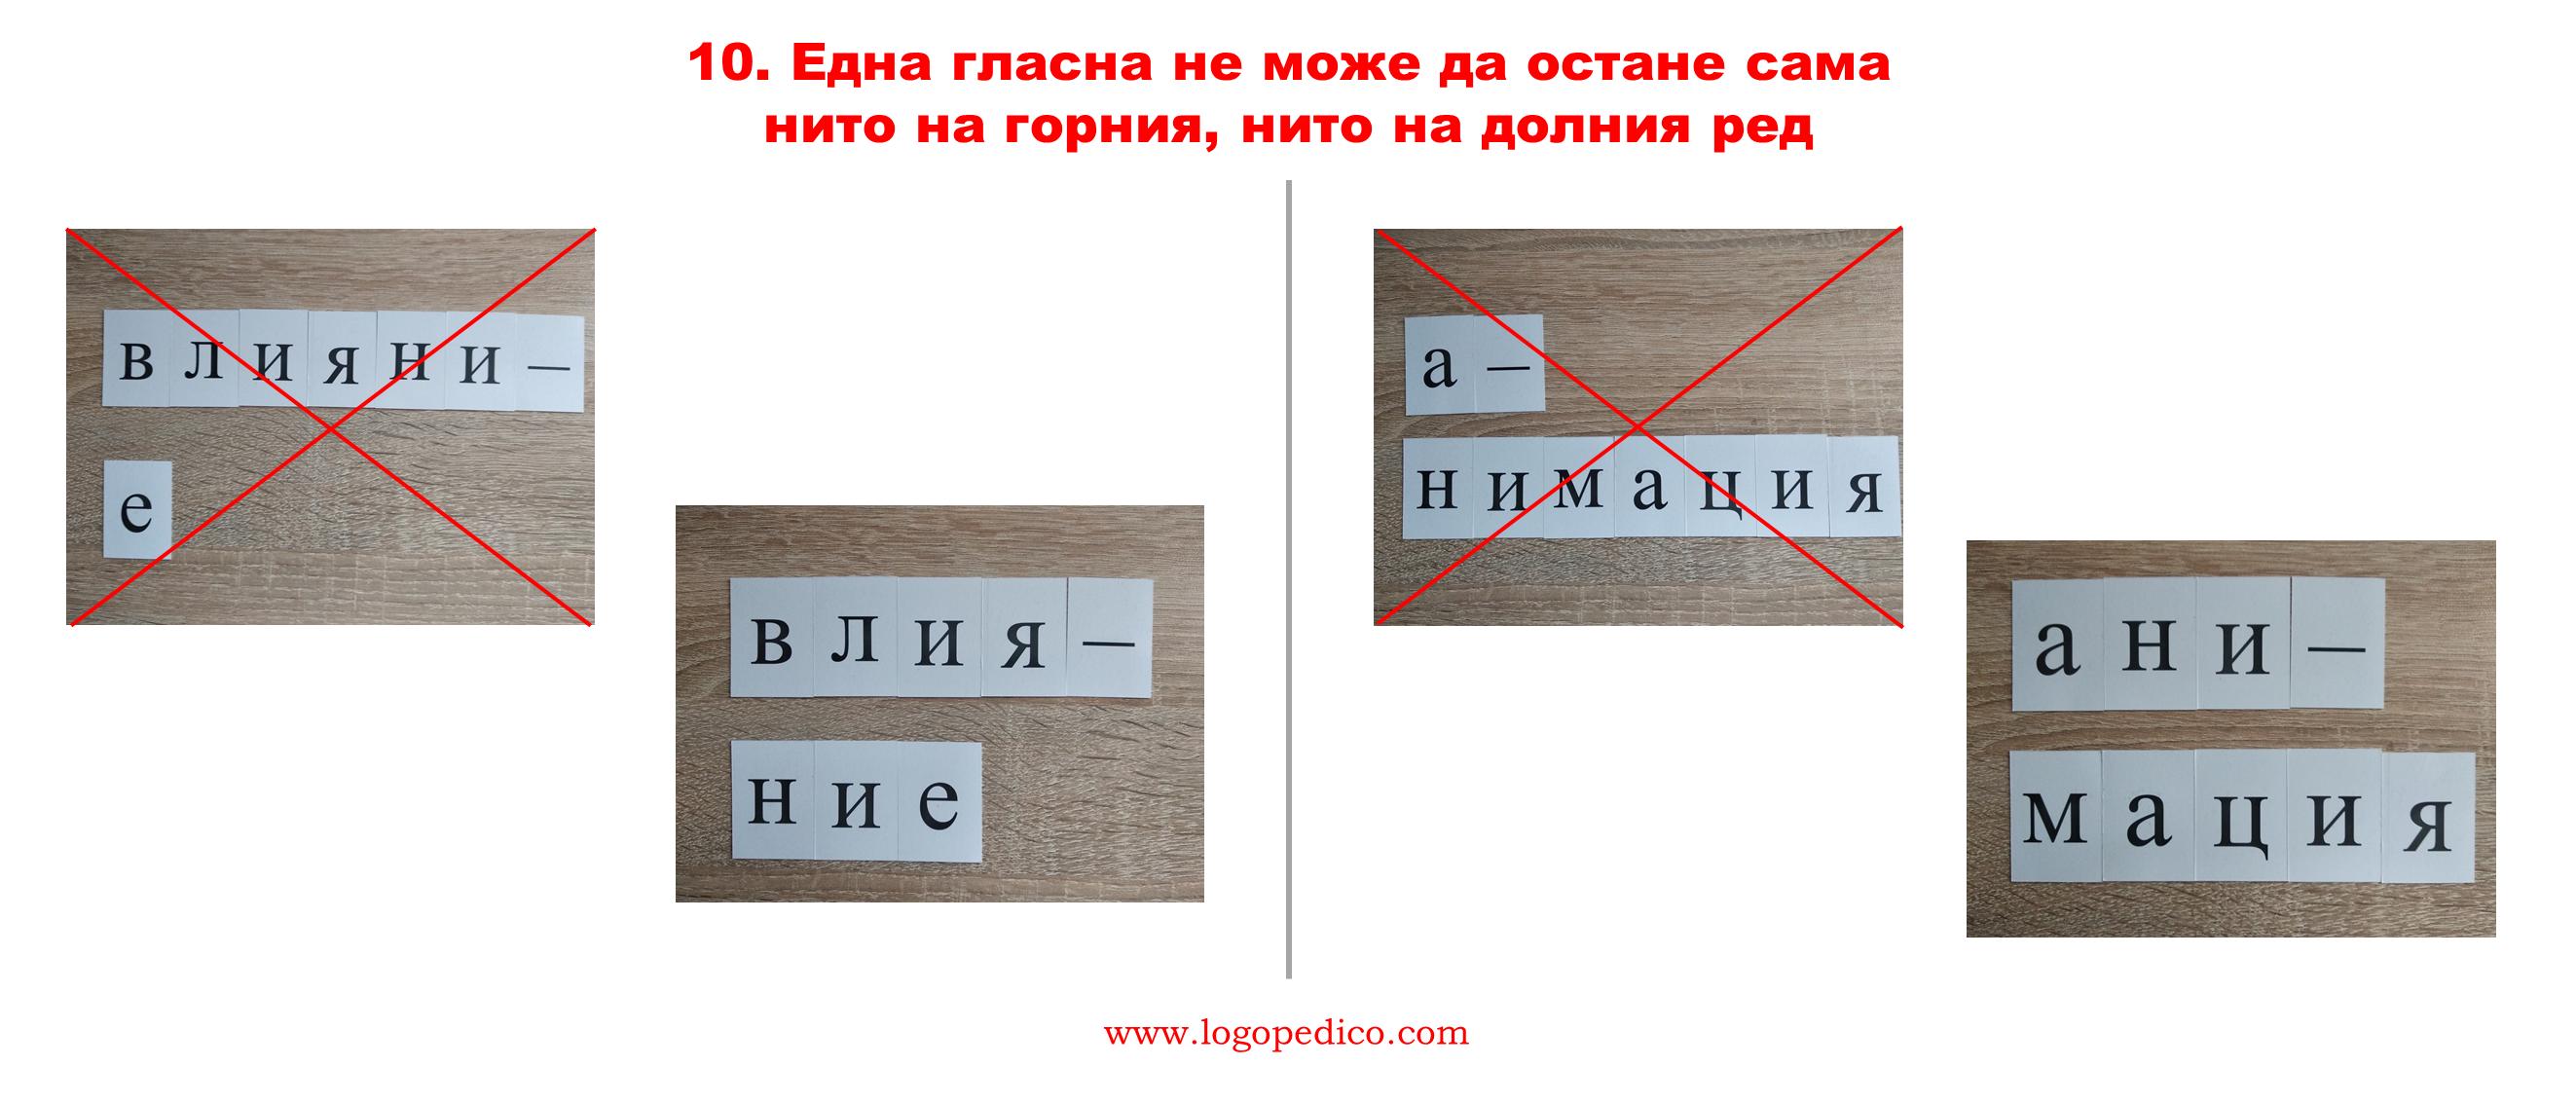 Логопедико - sama - образователни помагала, занимания и материали